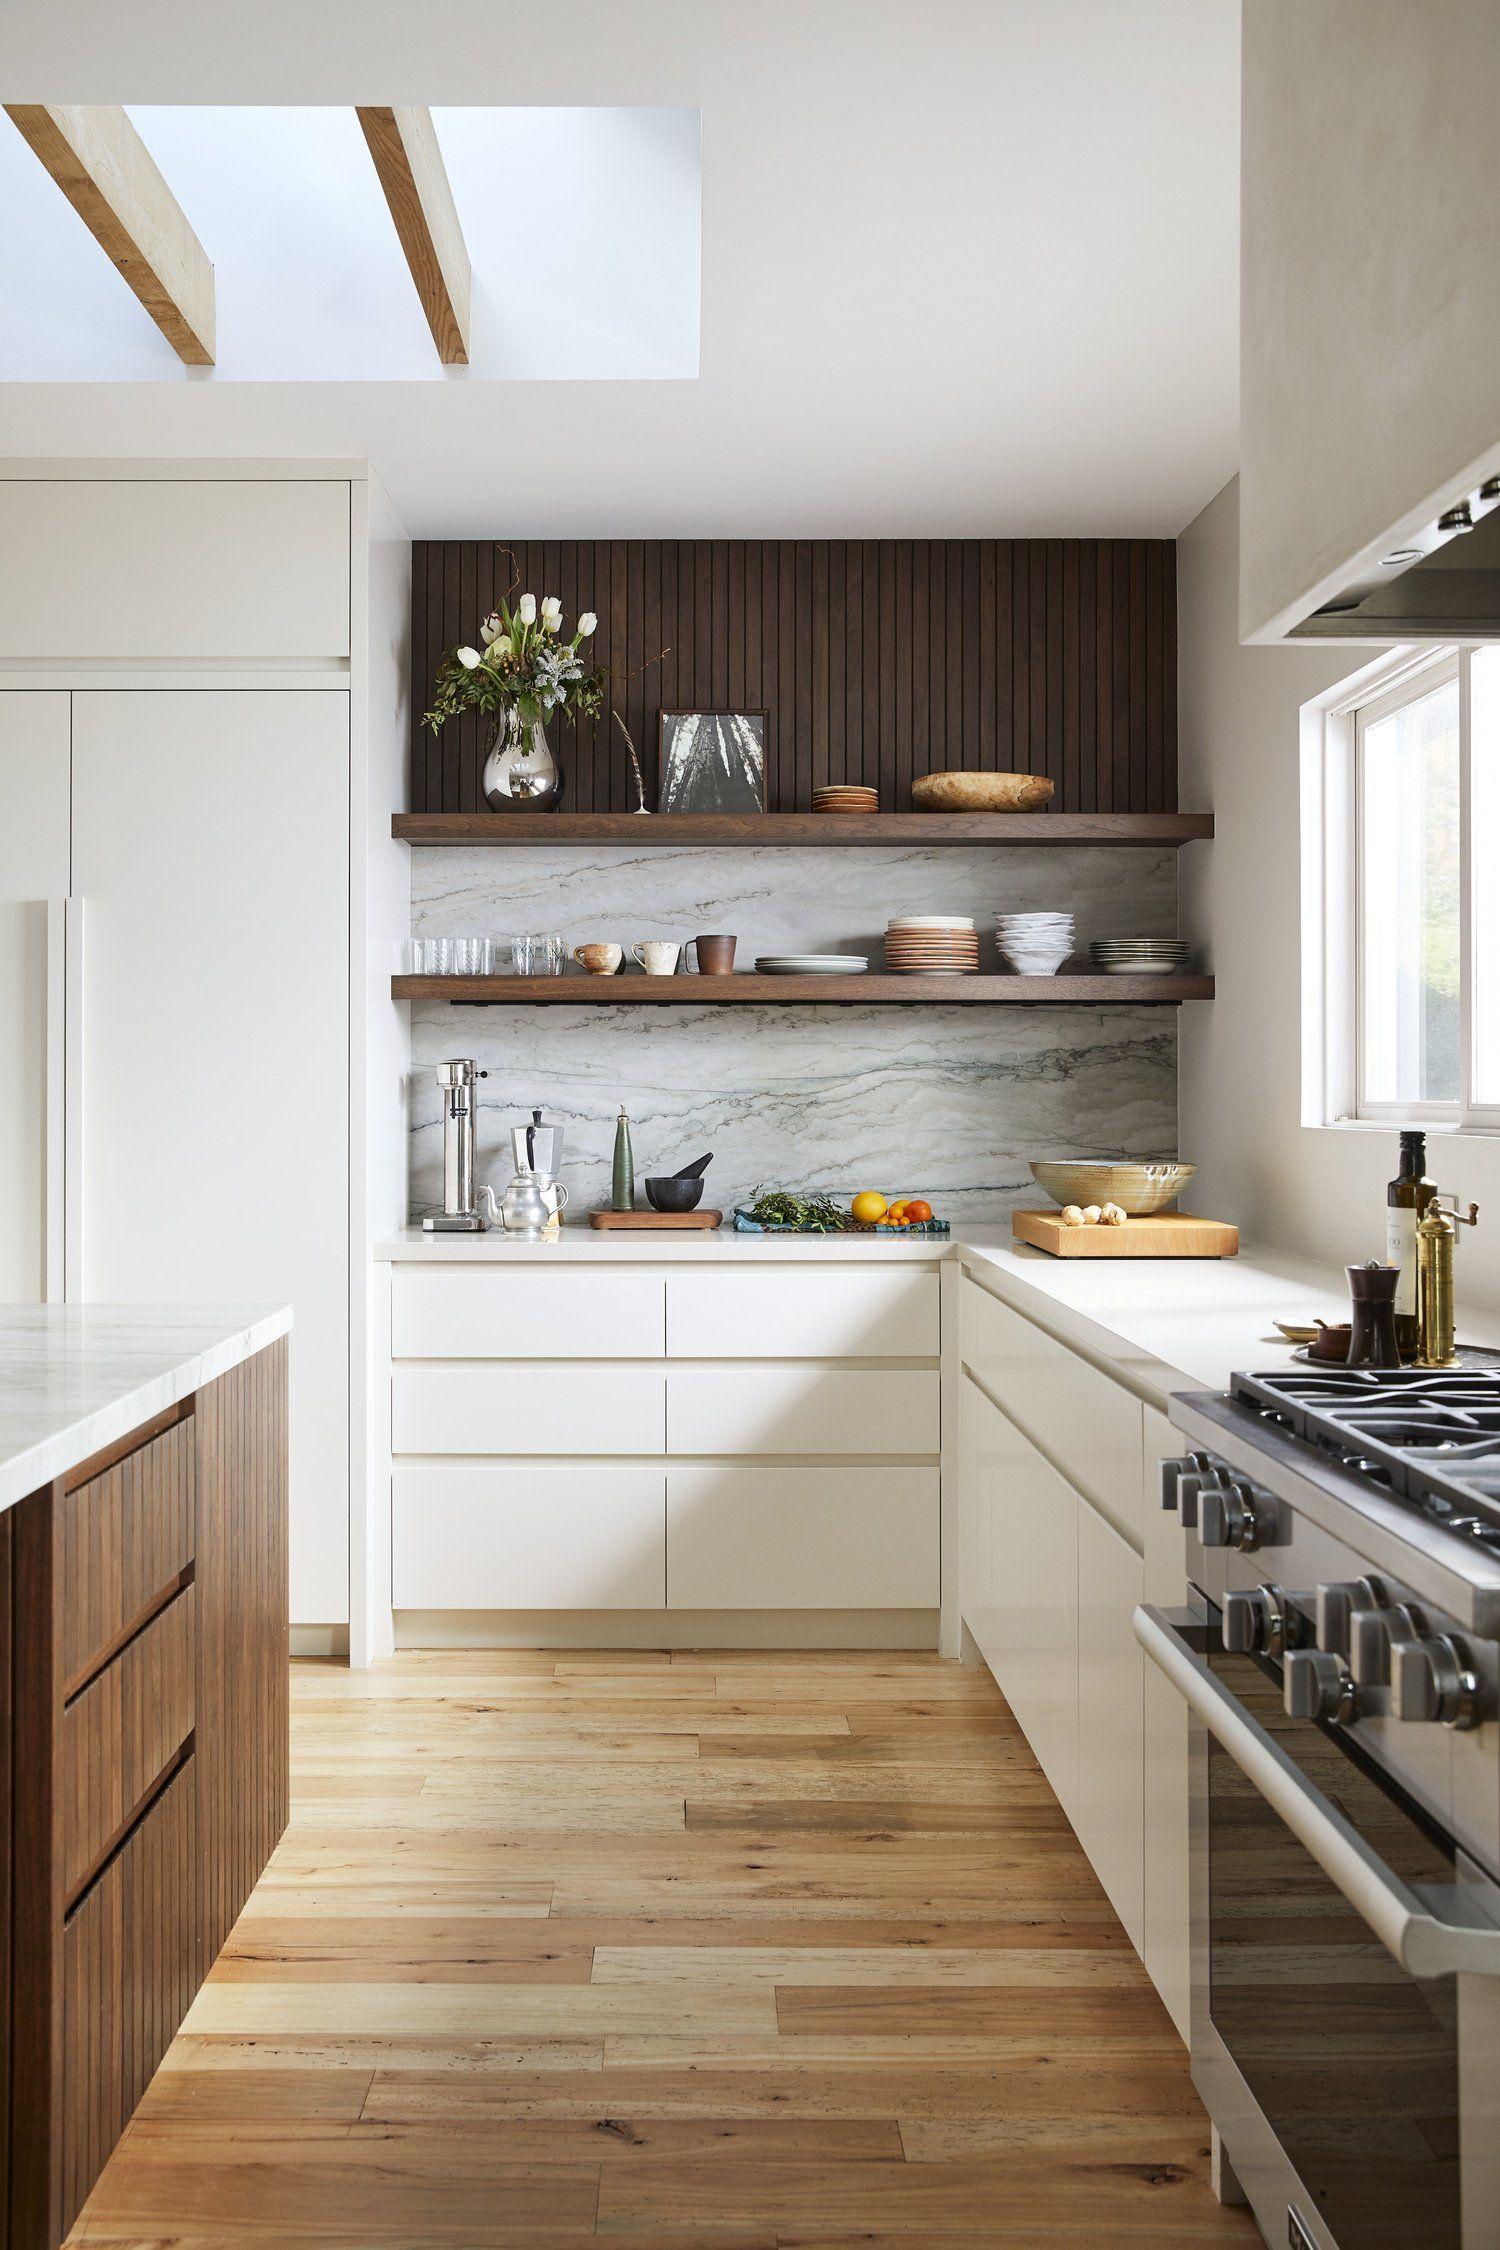 Design By Bk Interior Design Kitchen Design Open White Contemporary Kitchen Kitchen Design